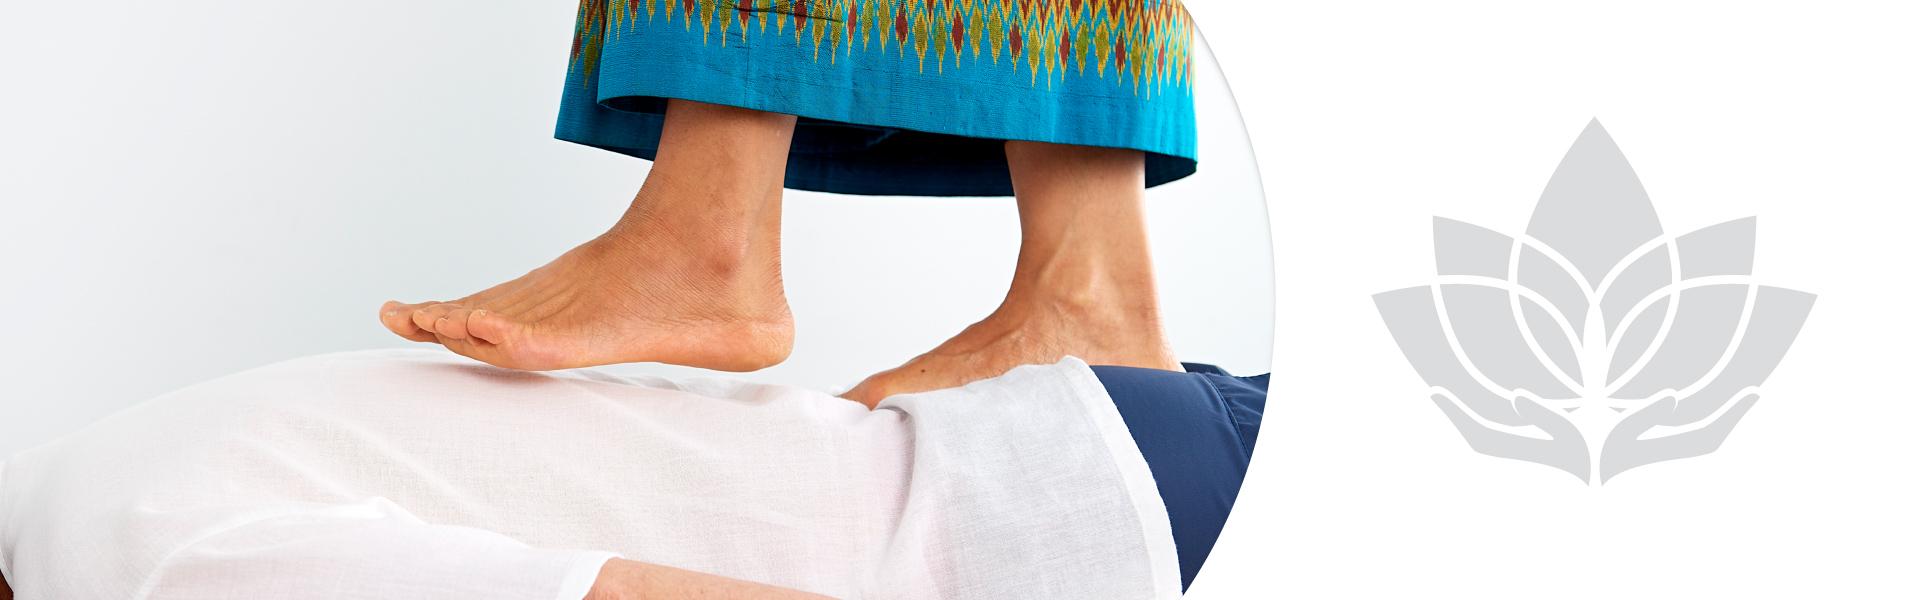 Thai Massages at Krisada Thai Massage Clinic in Mount Maunganui